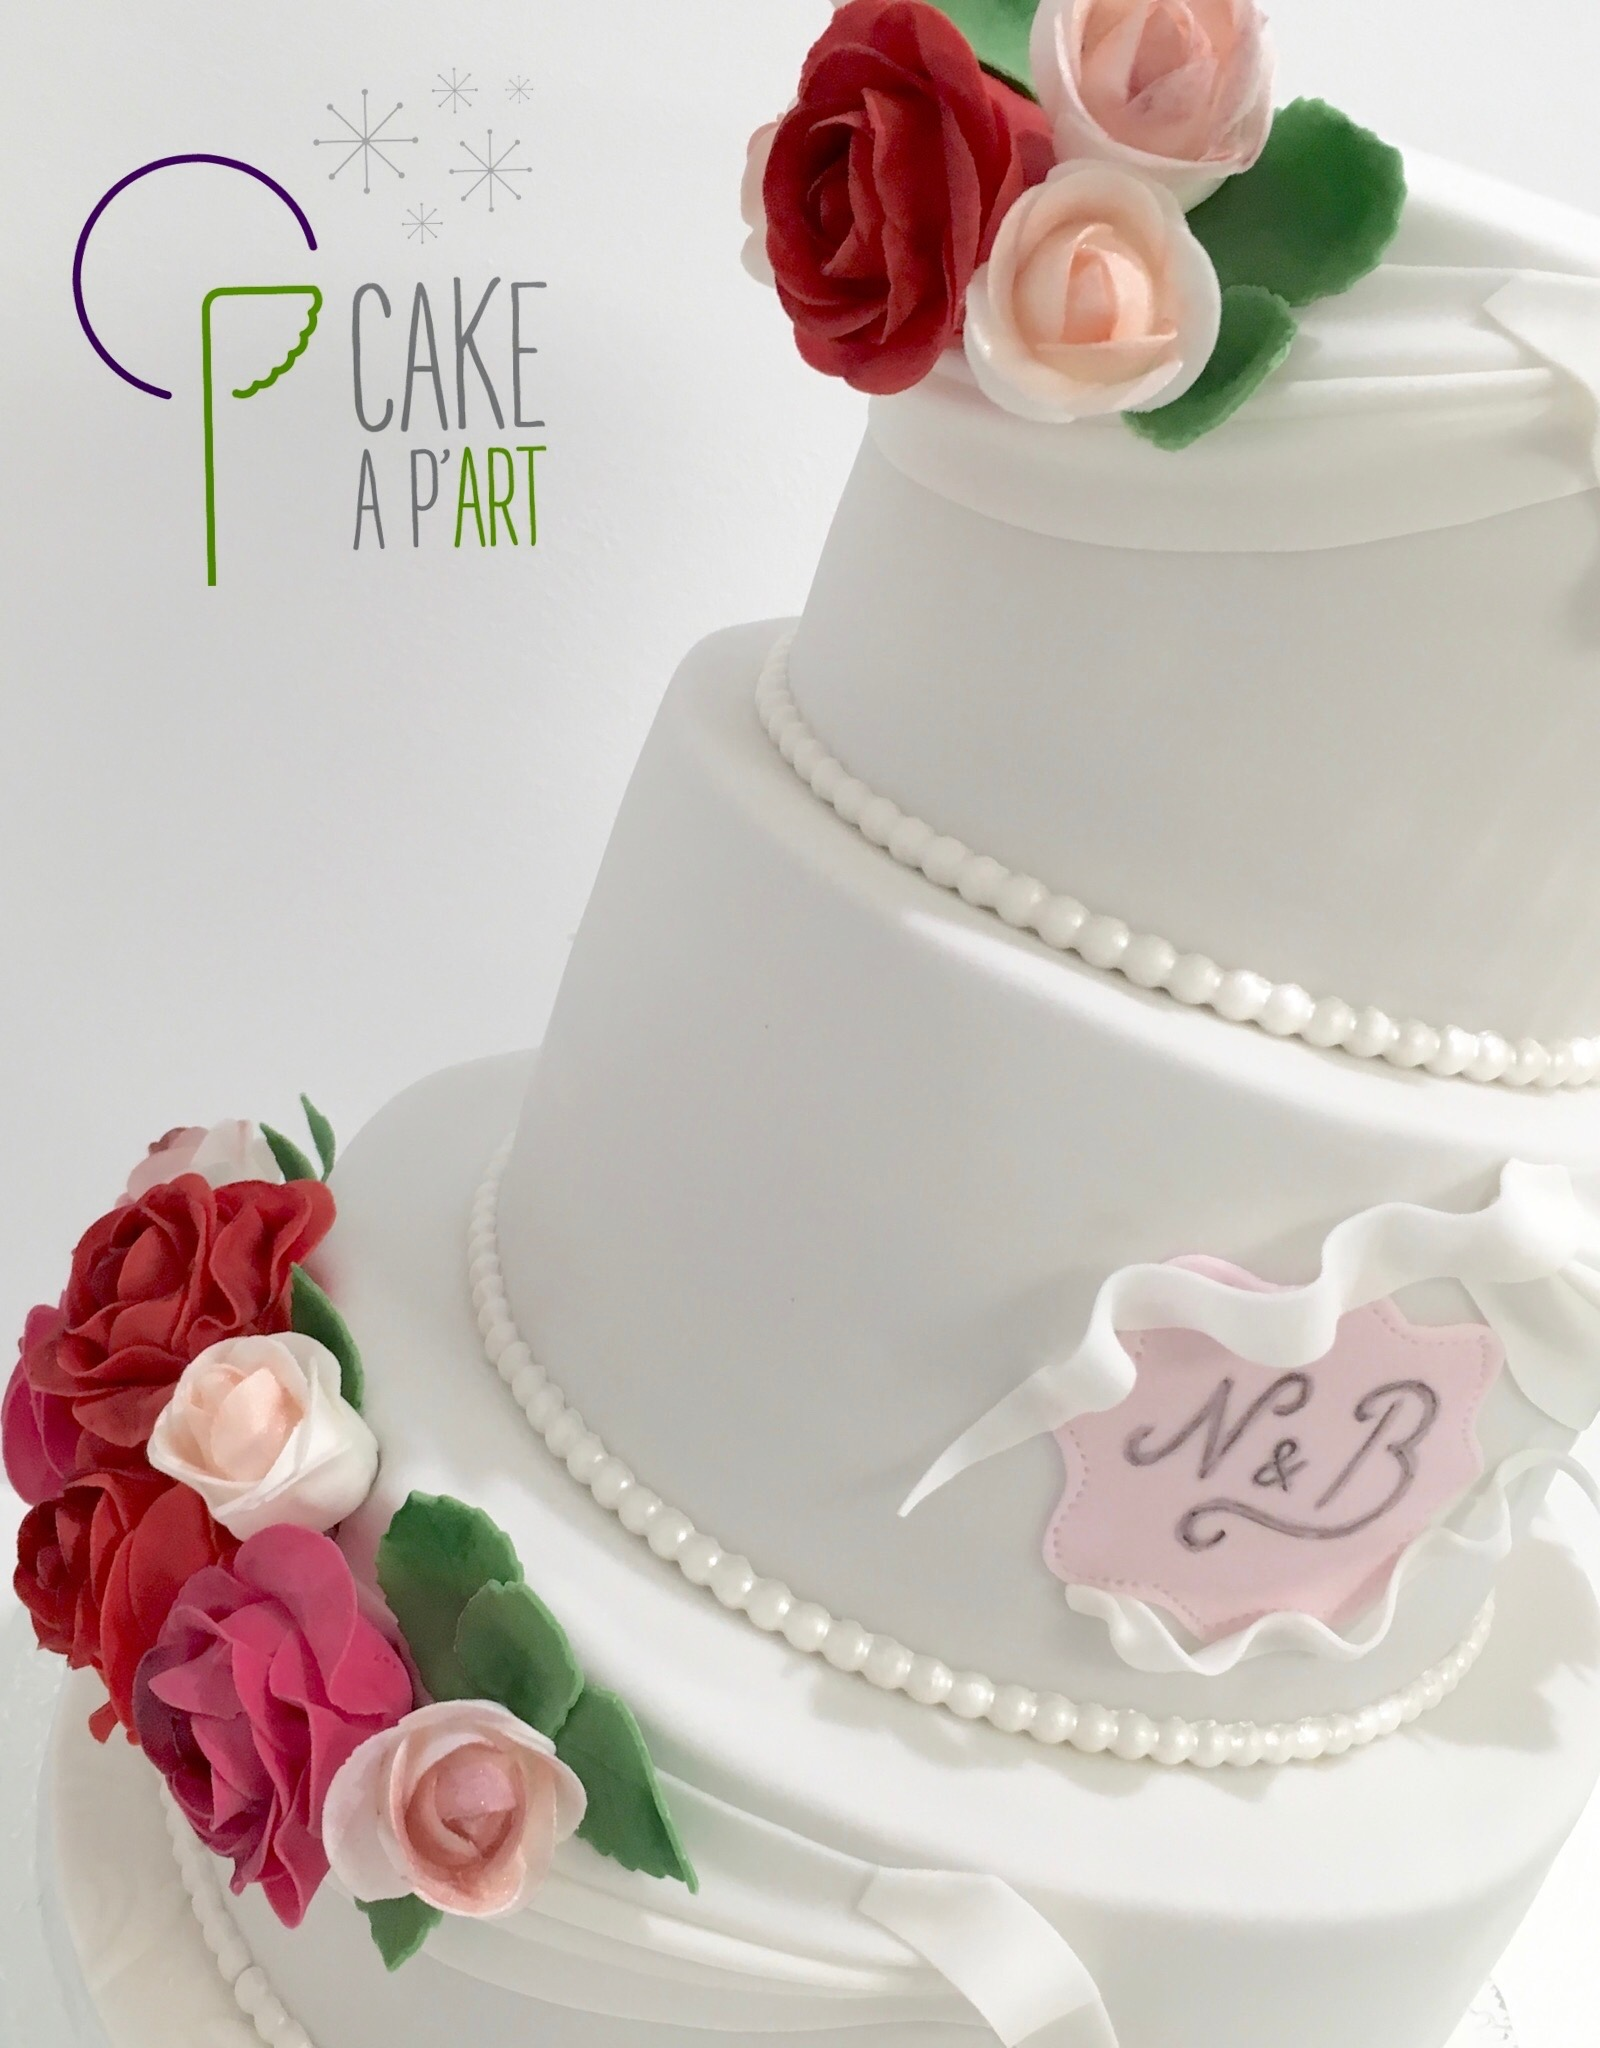 Décor en sucre gâteaux personnalisés - Mariage fleurs Bouquets de roses